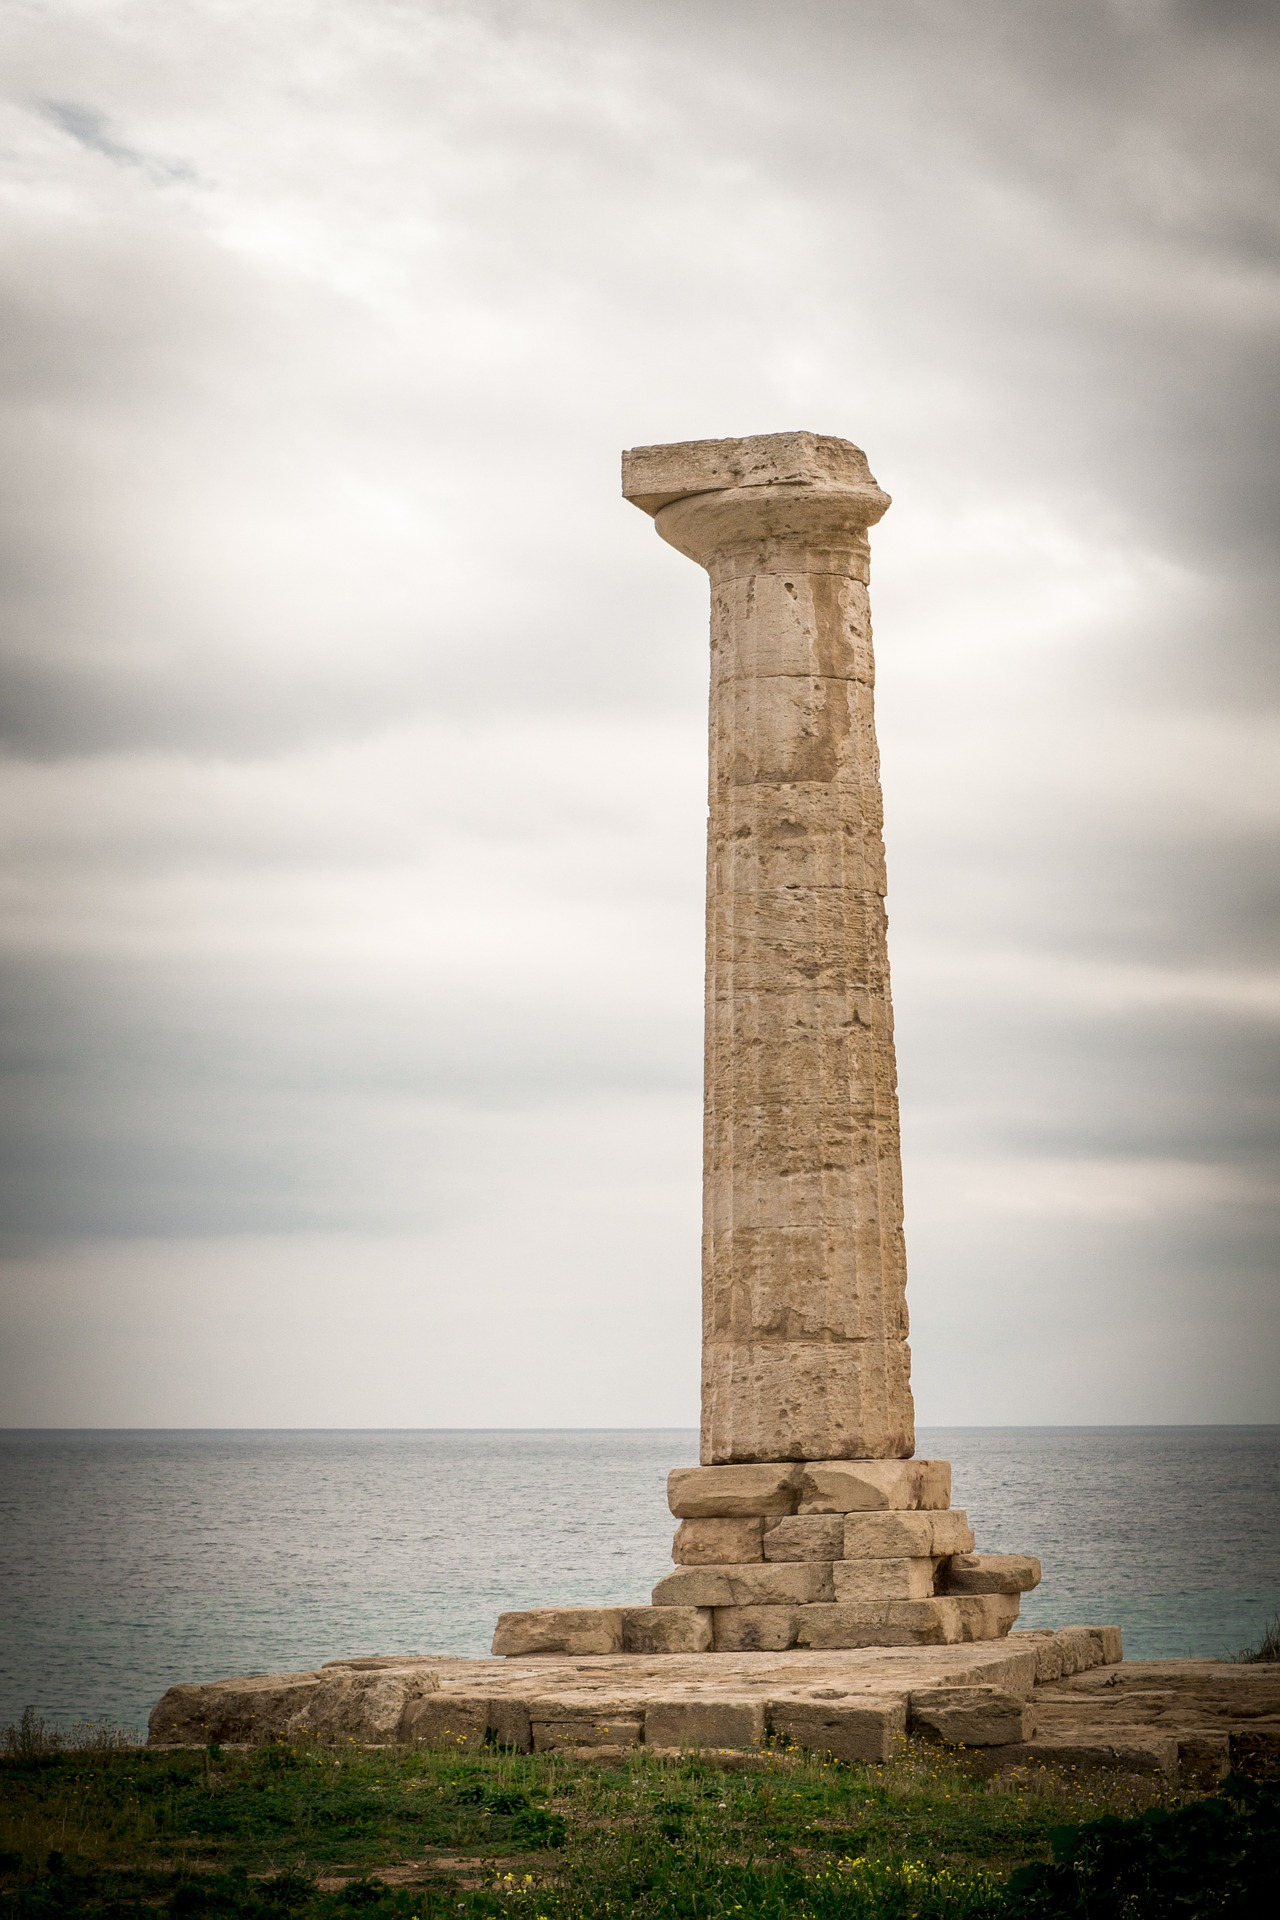 Römische Tempelreste von Capo Colonna